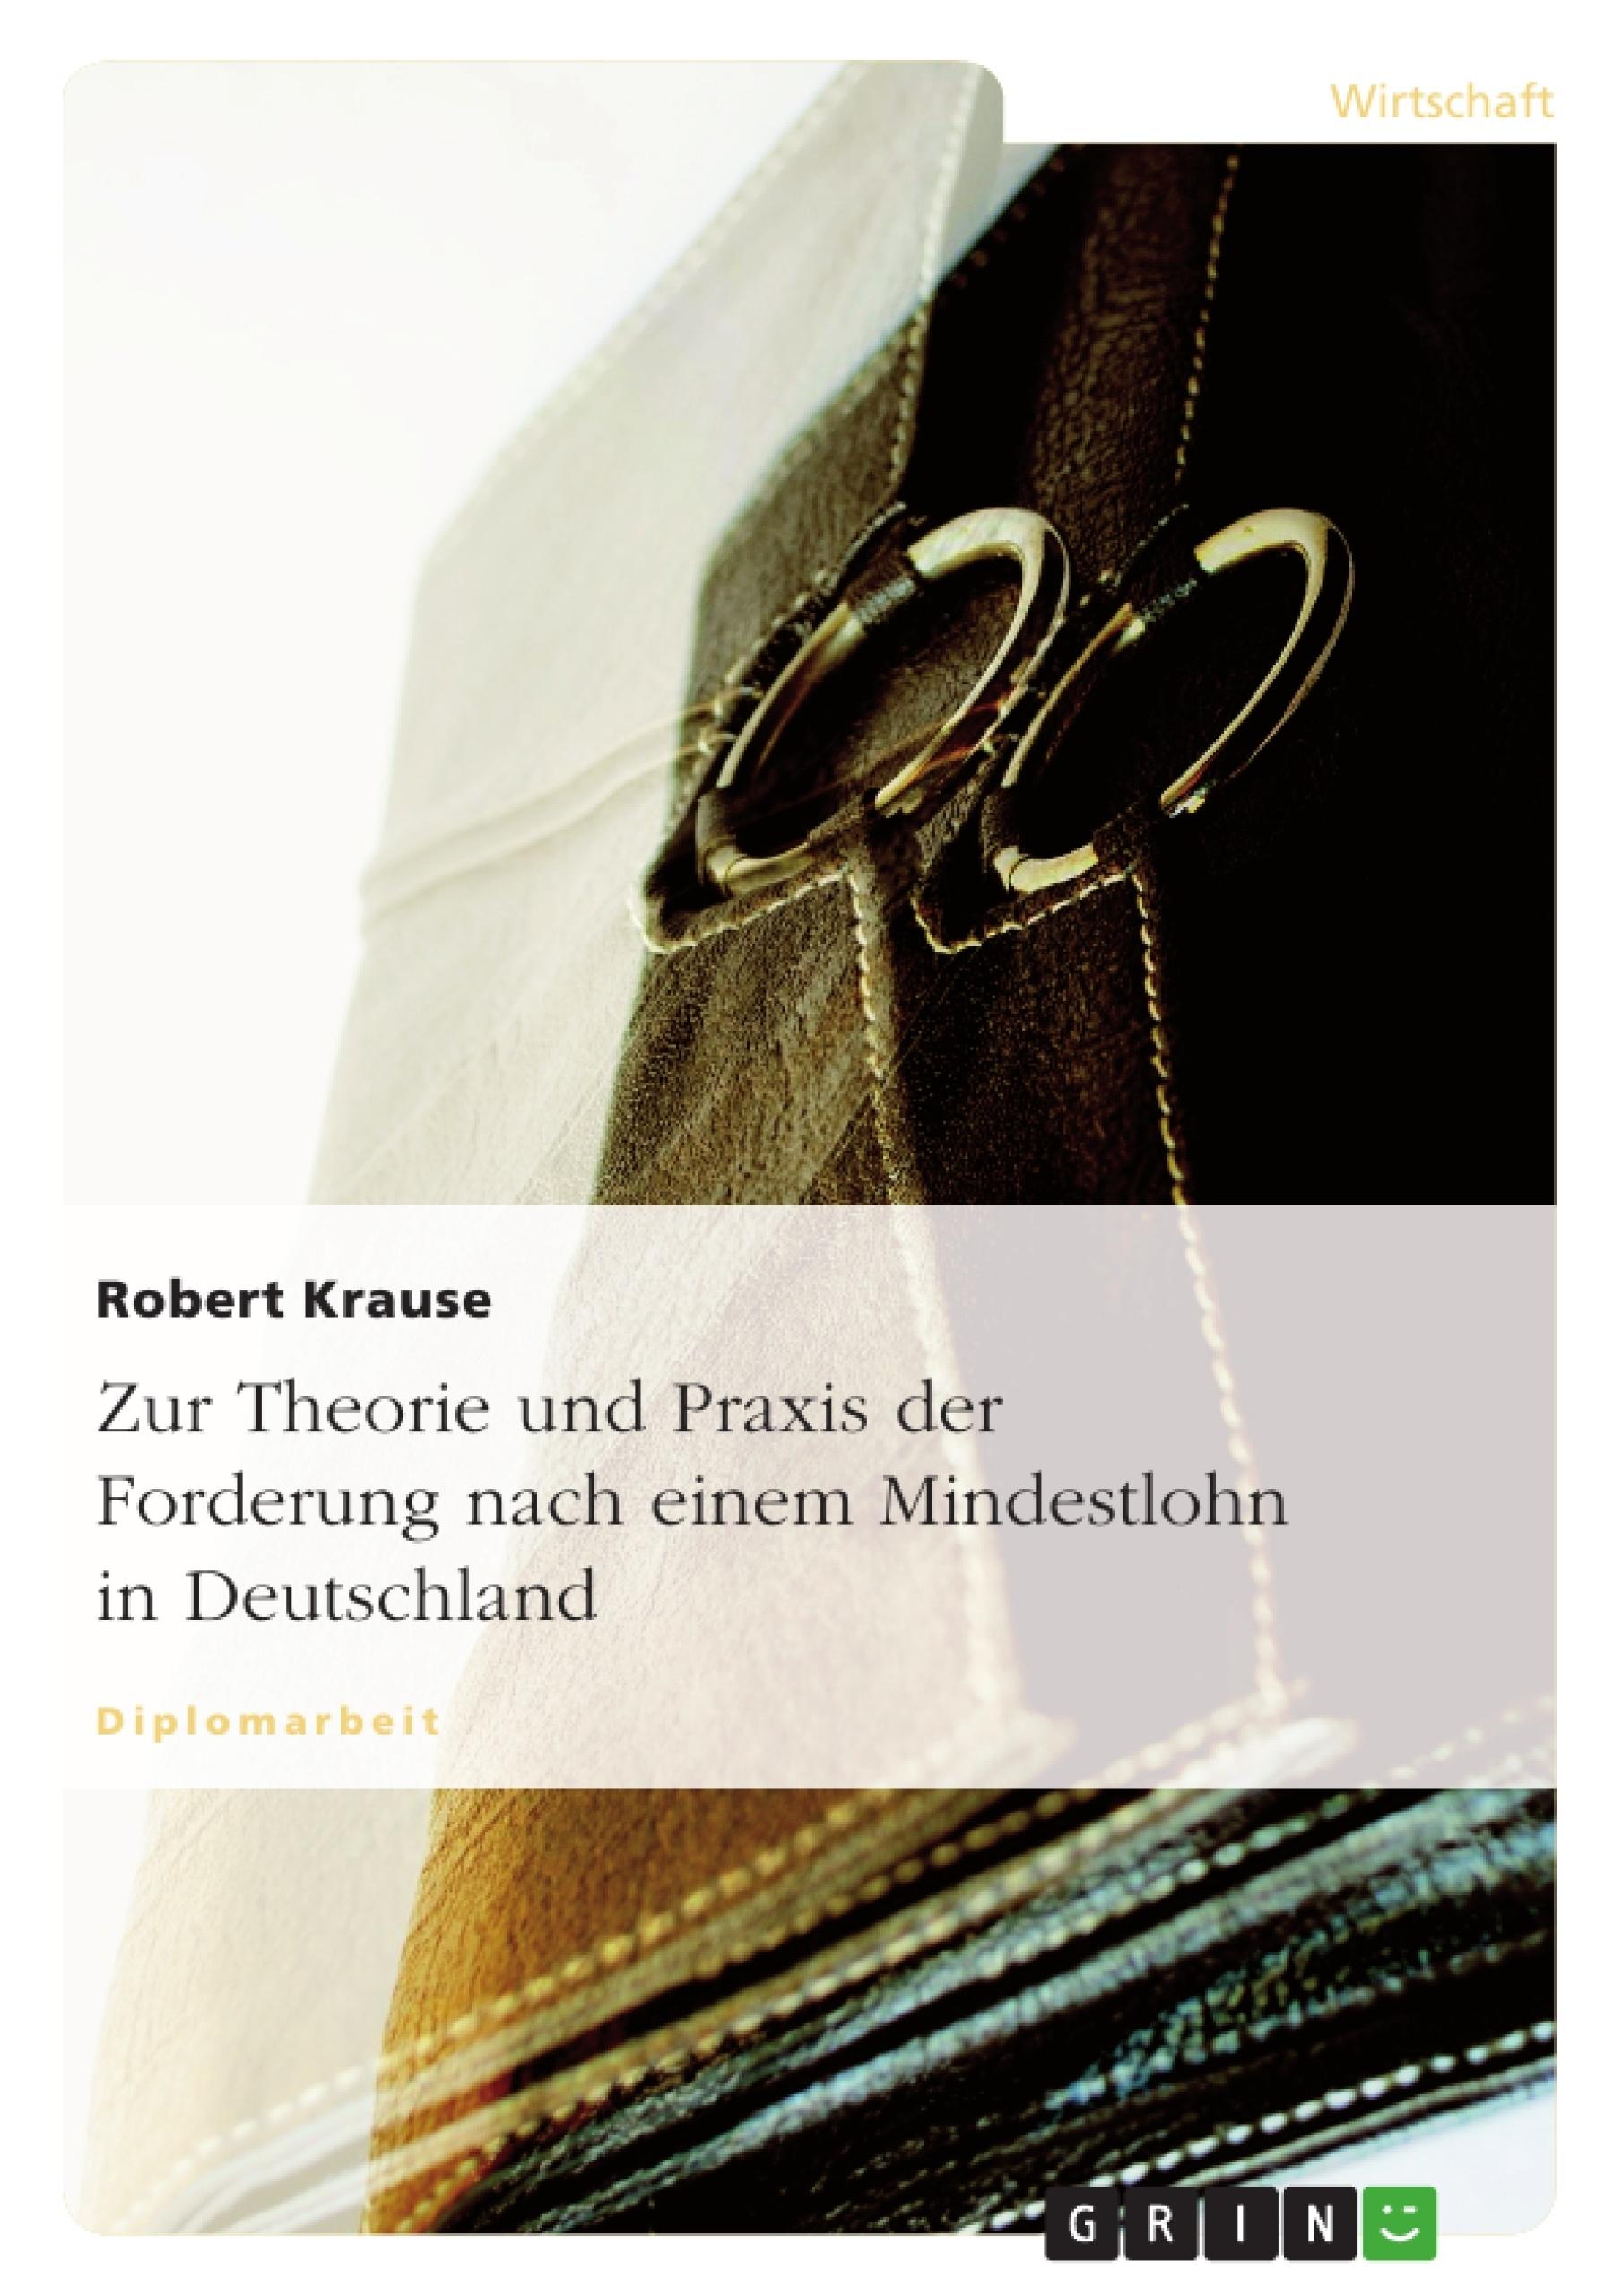 Titel: Zur Theorie und Praxis der Forderung nach einem Mindestlohn in Deutschland